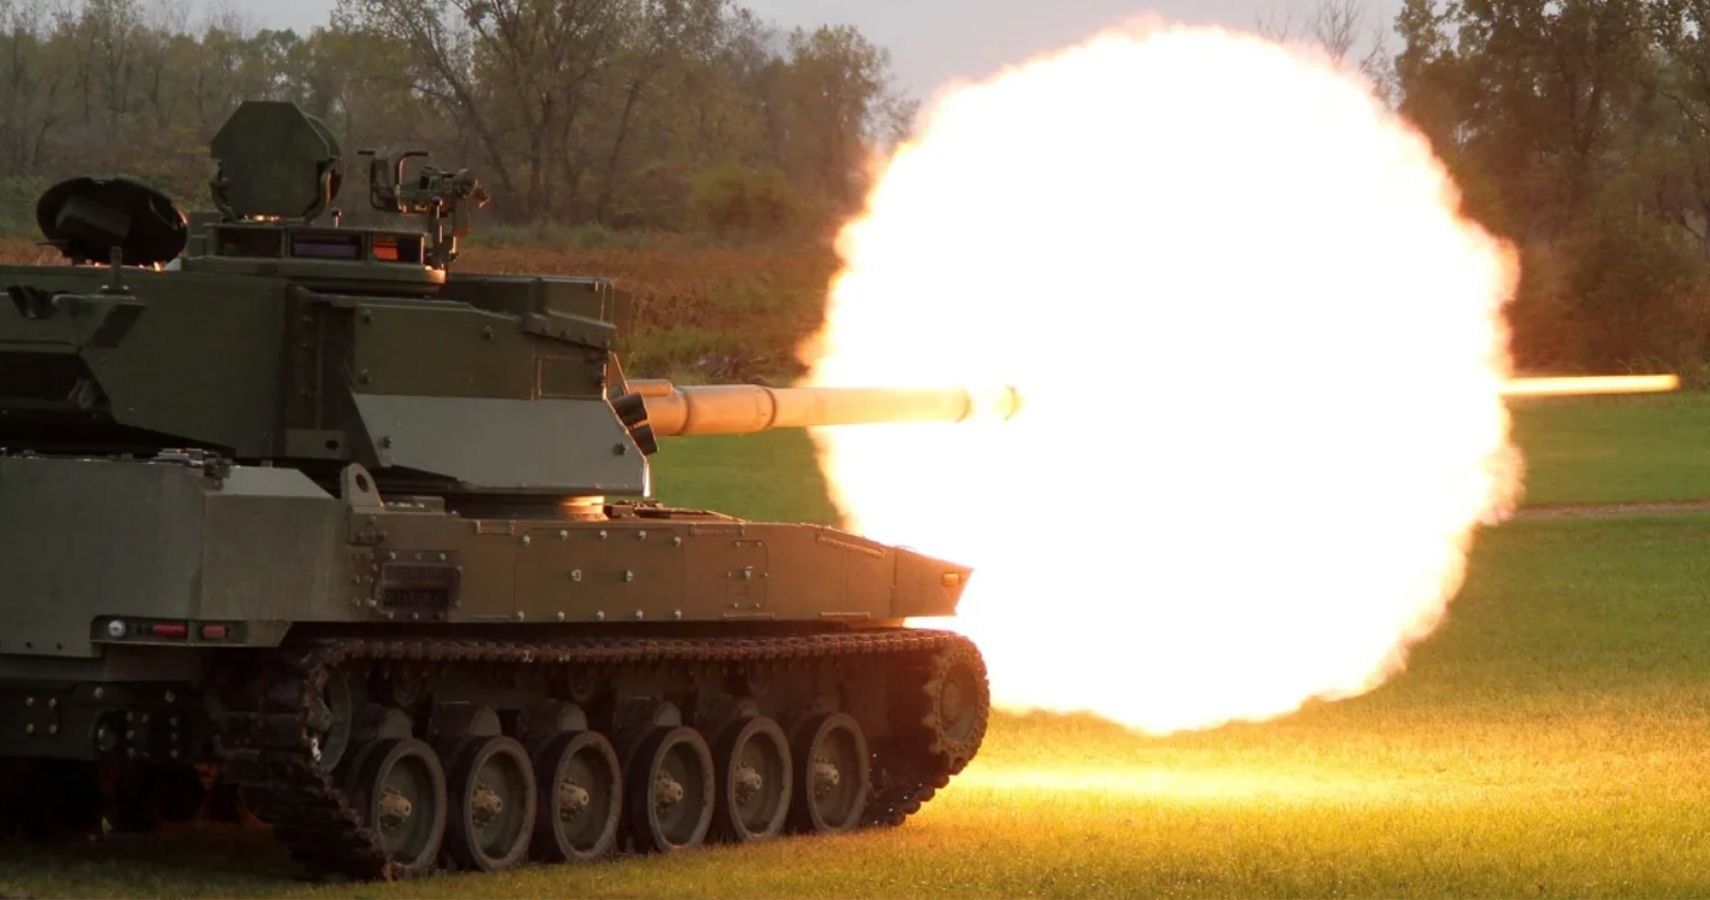 U.S. Army Weighs Lighter Tanks For Next Gen Assault Vehicles